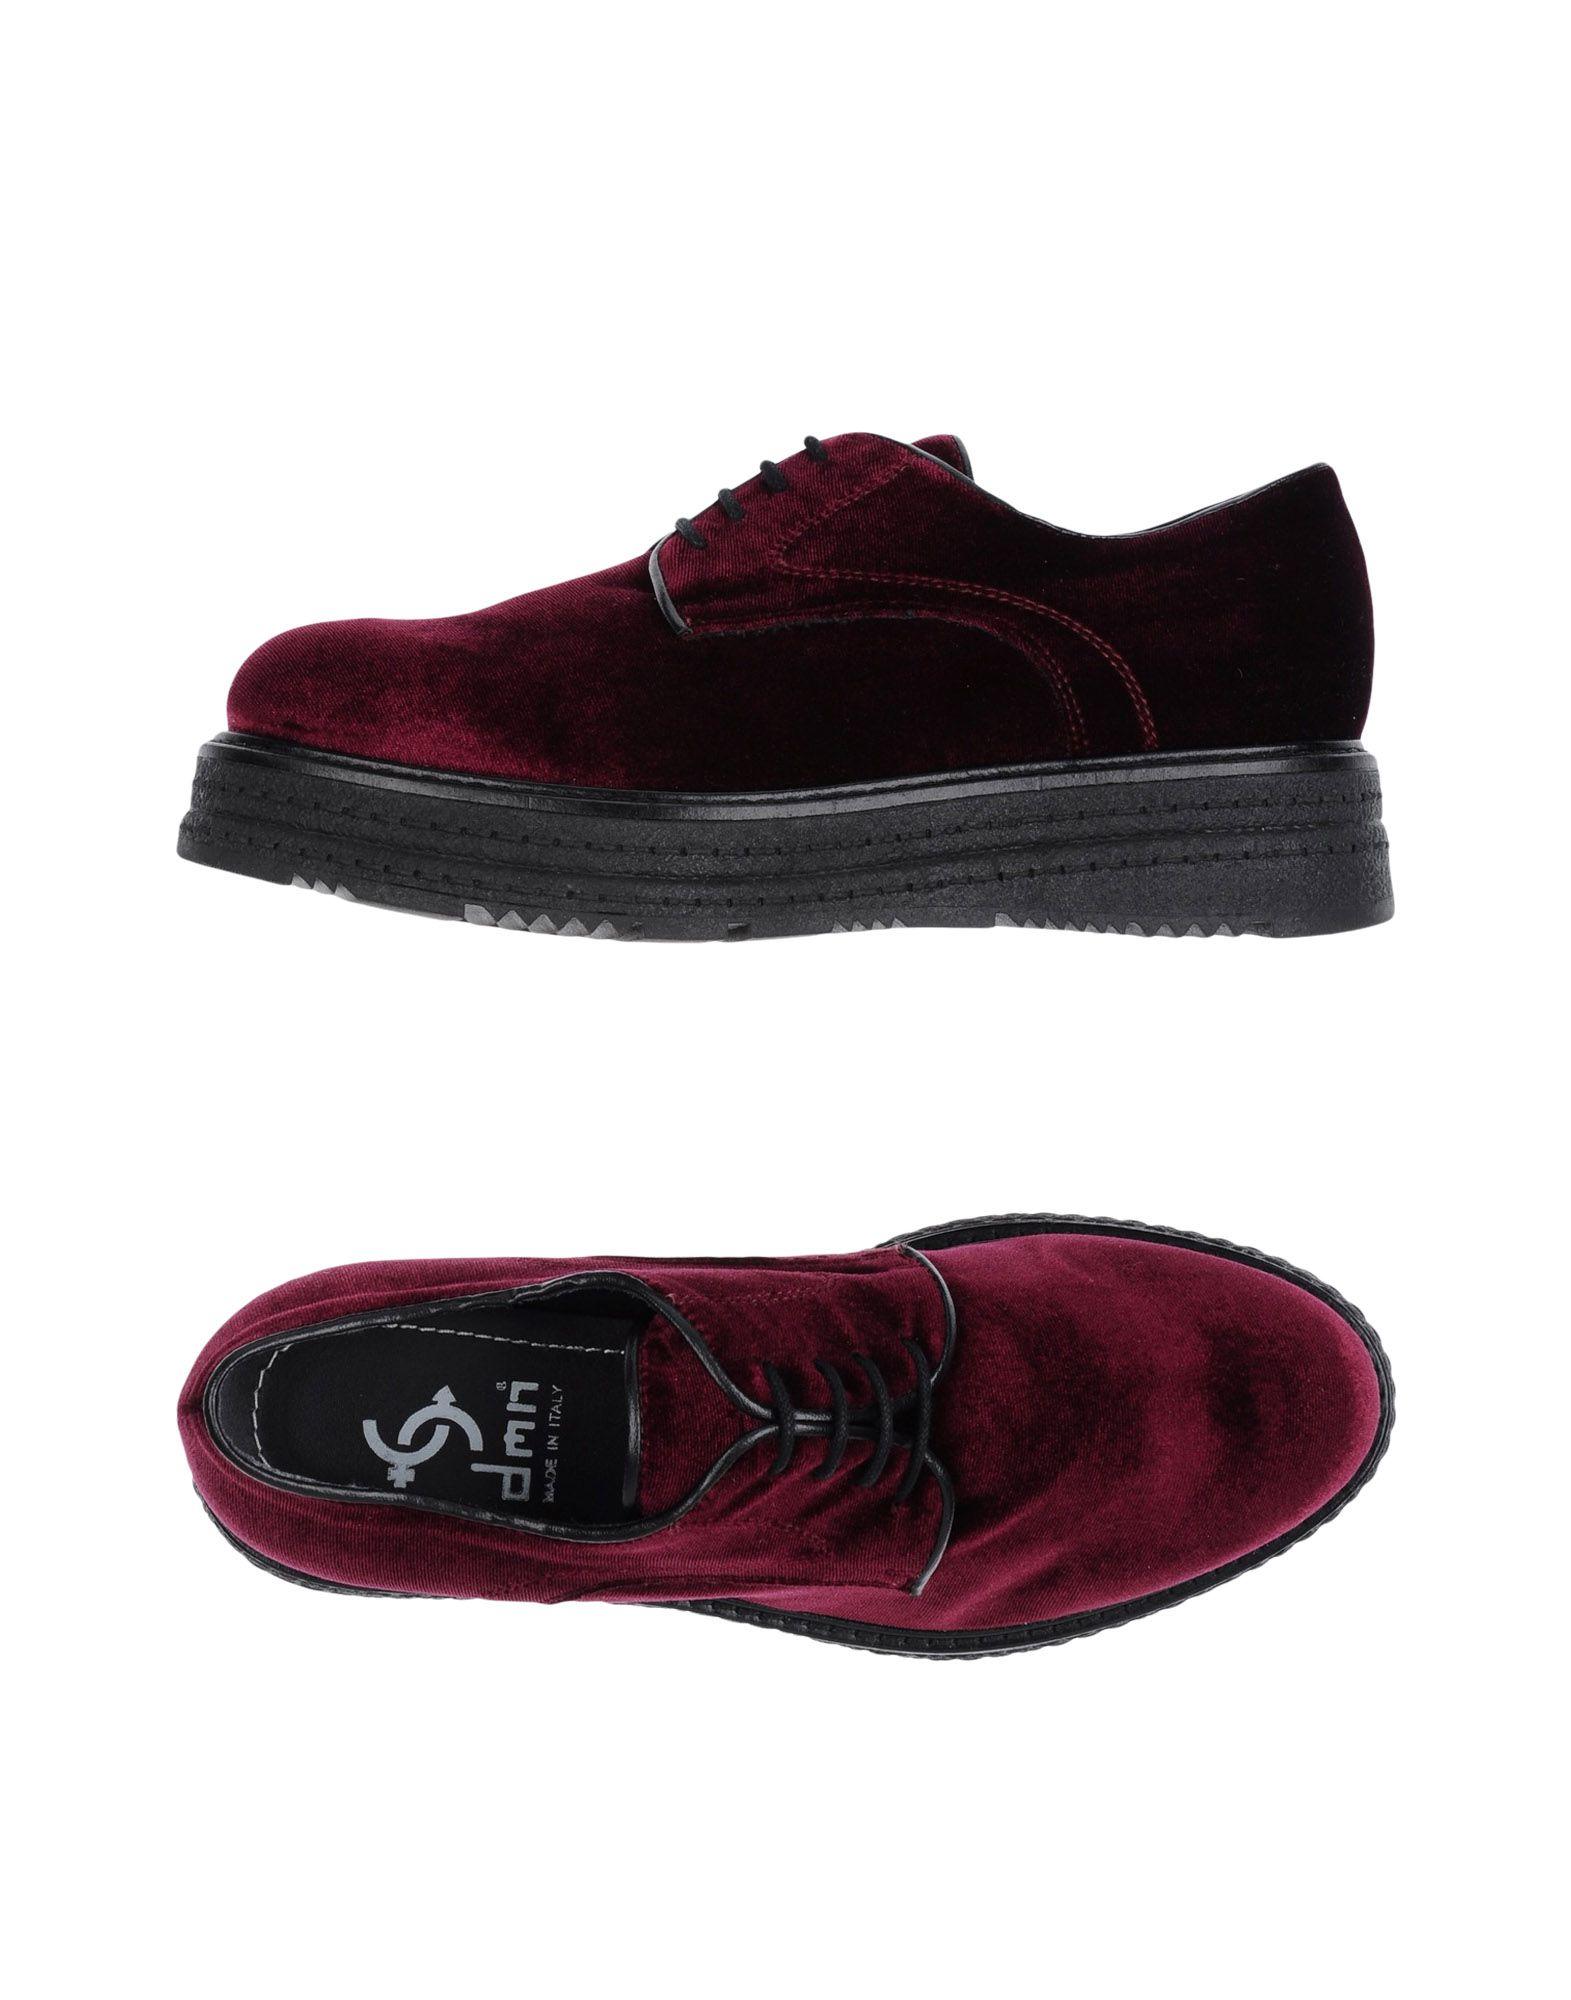 DMN Обувь на шнурках первый внутри обувь обувь обувь обувь обувь обувь обувь обувь обувь 8a2549 мужская армия green 40 метров